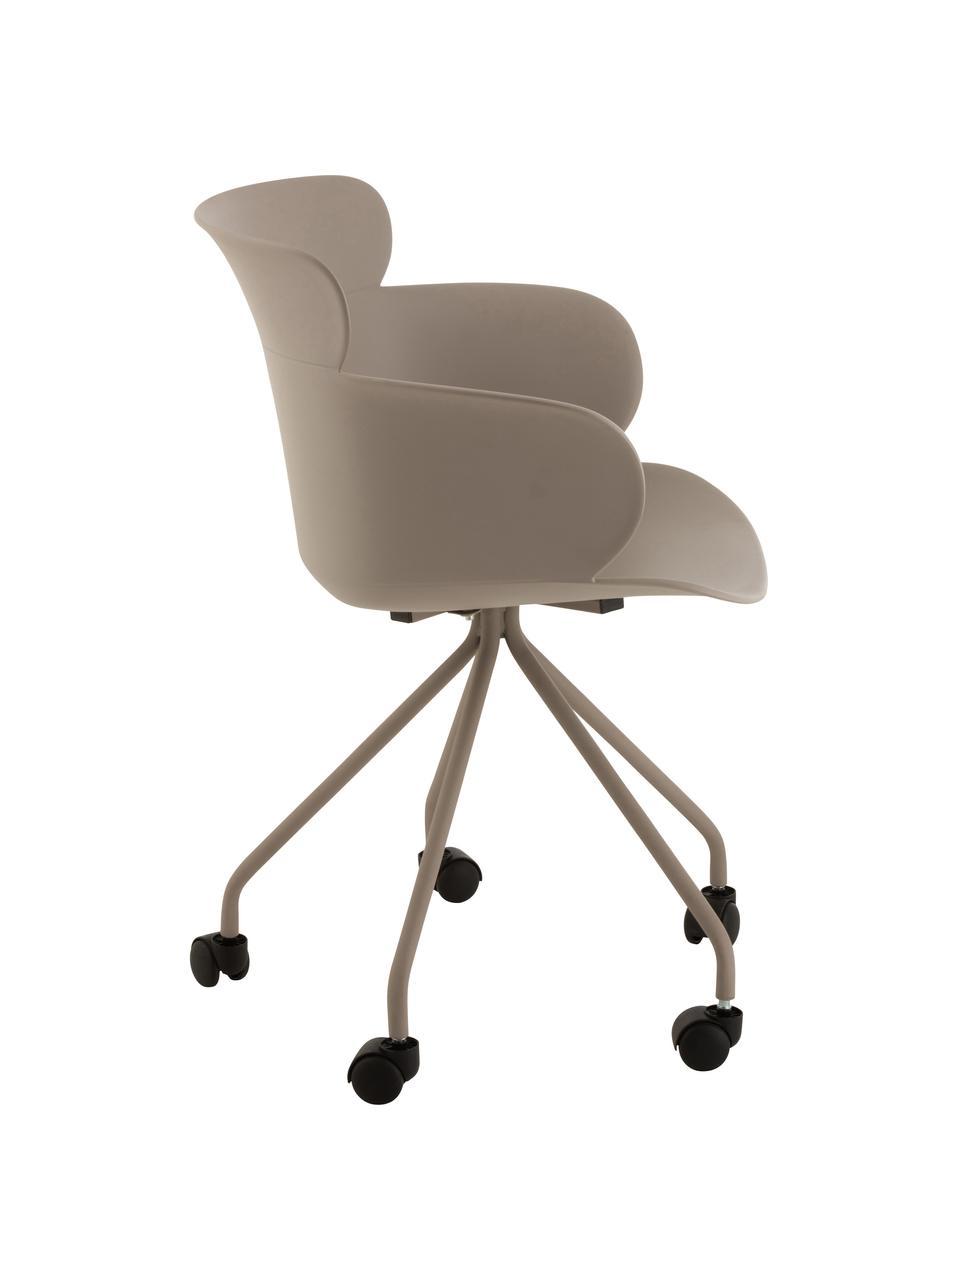 Kunststoff-Bürostuhl Eva mit Rollen, Kunststoff (PP), Greige, B 60 x T 54 cm